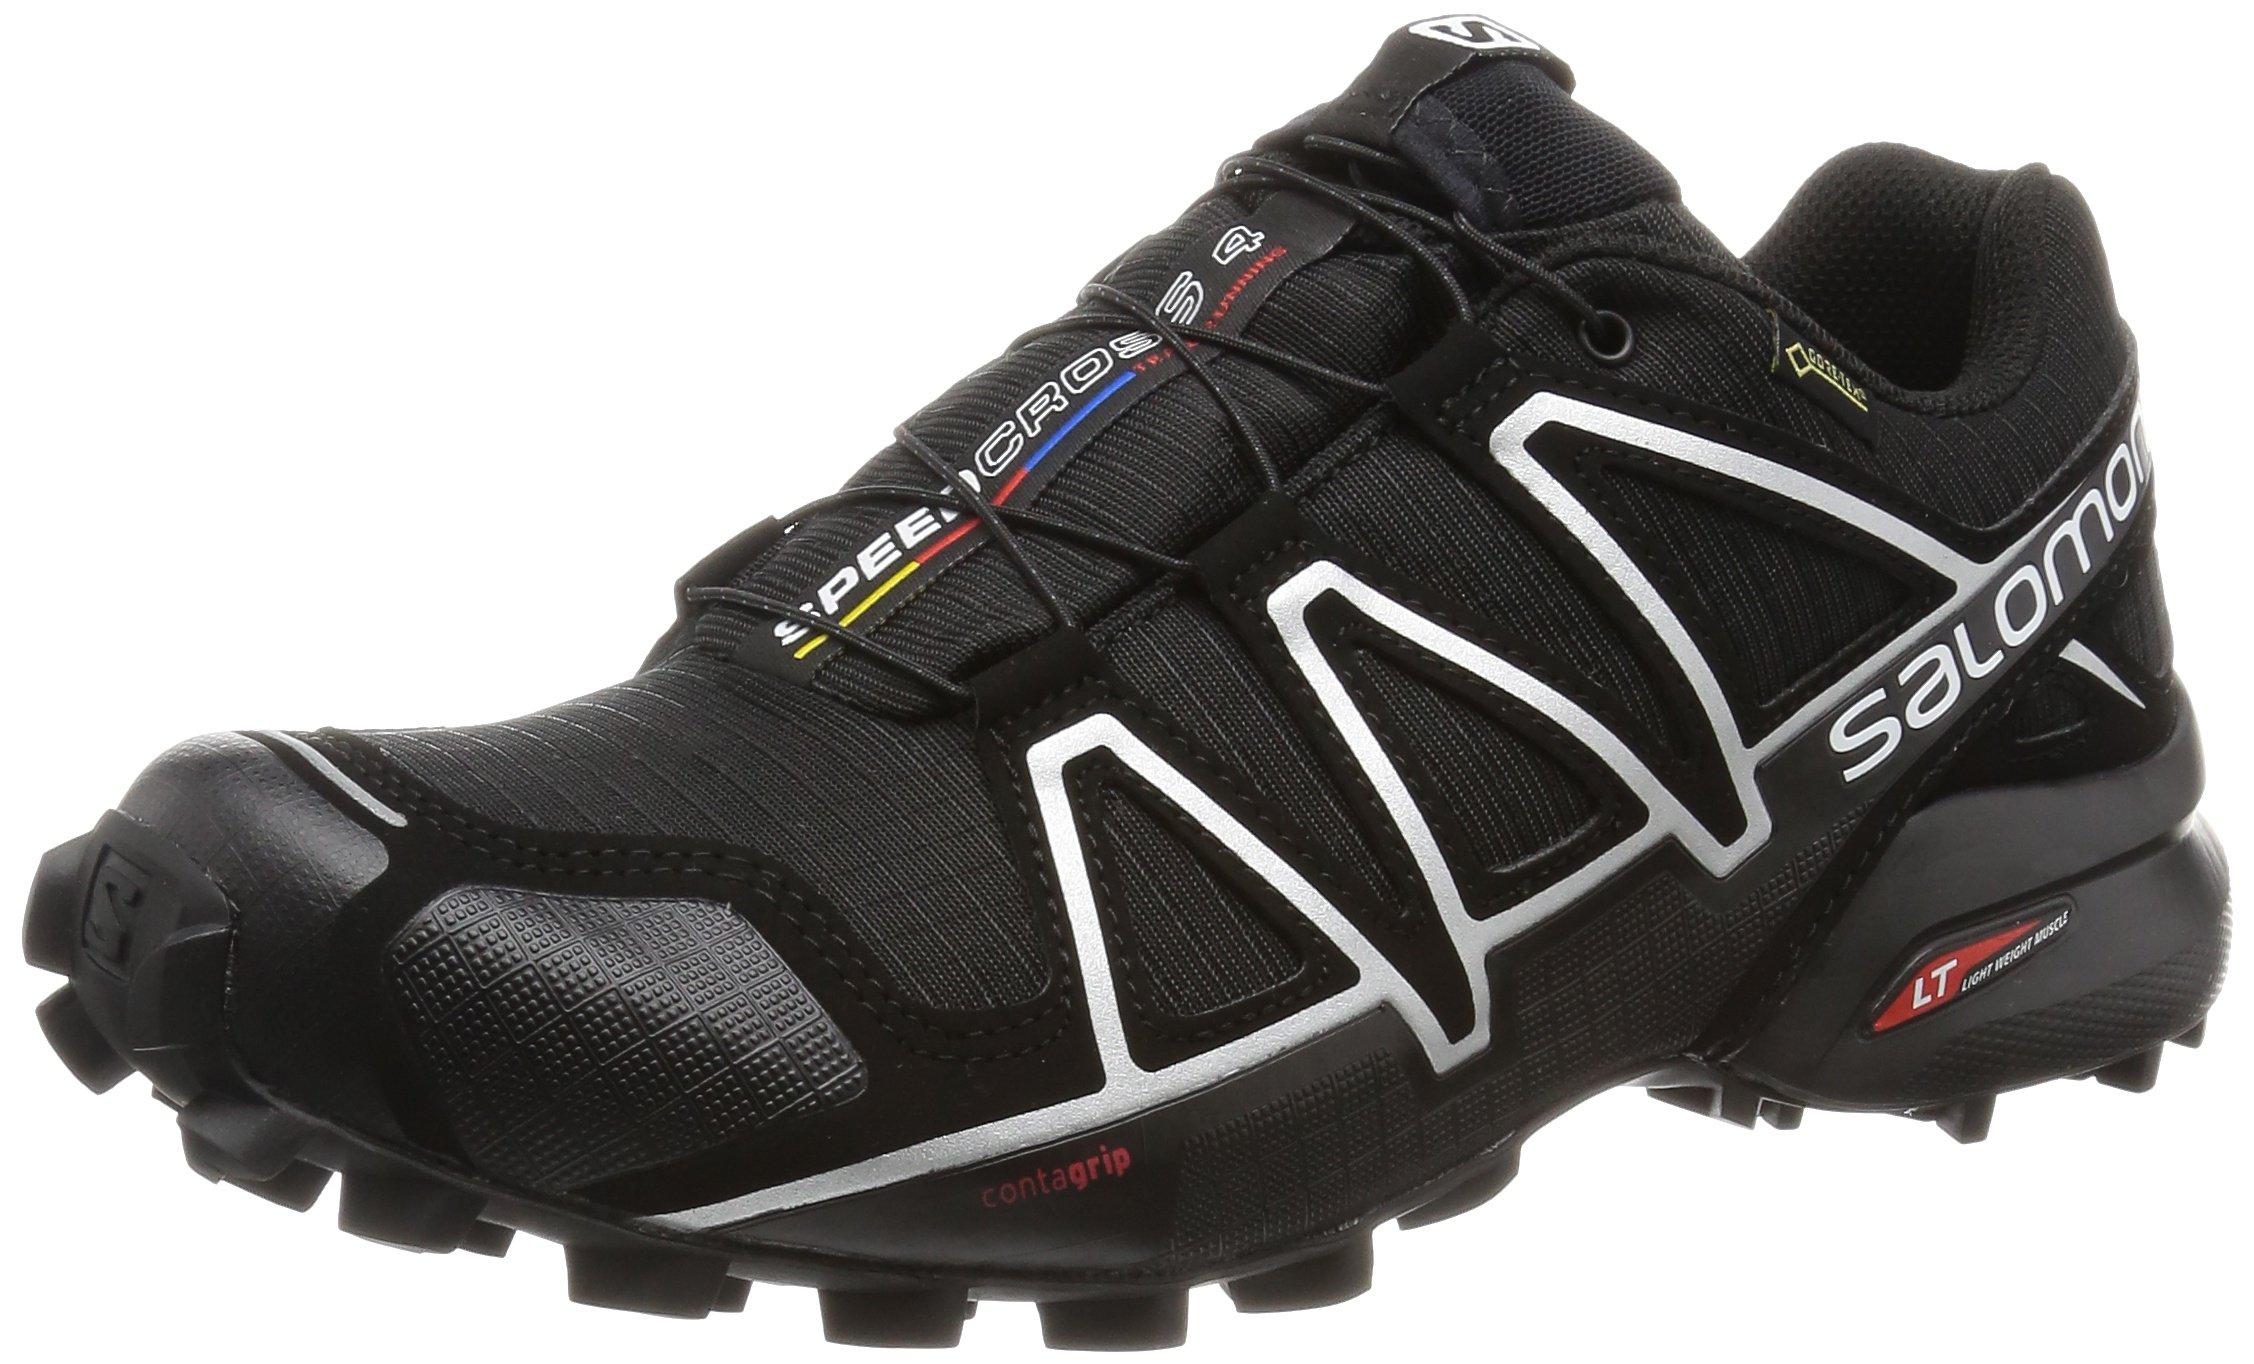 b4c7df647228 Galleon - Salomon Men s SPEEDCROSS 4 GTX Trail Running Shoe ...